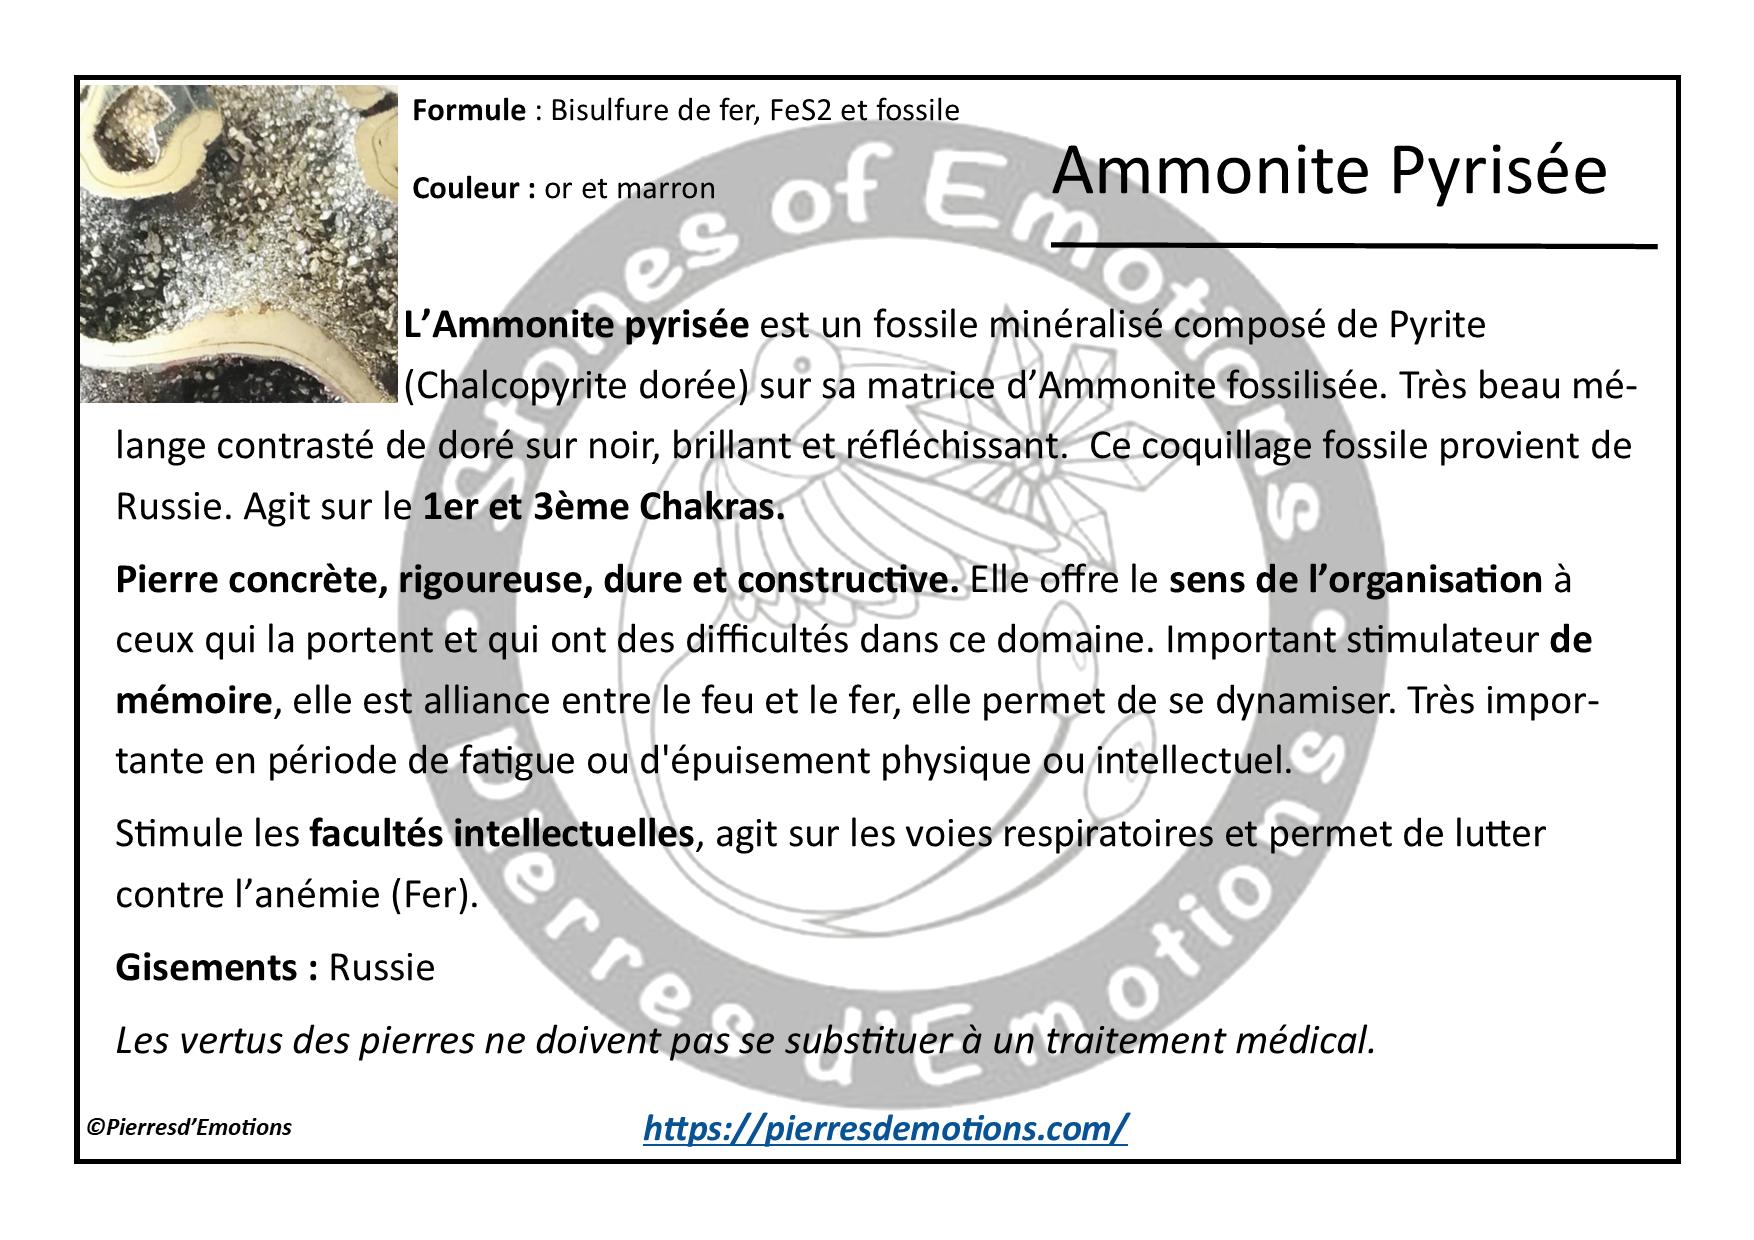 AmmonitePyrisee